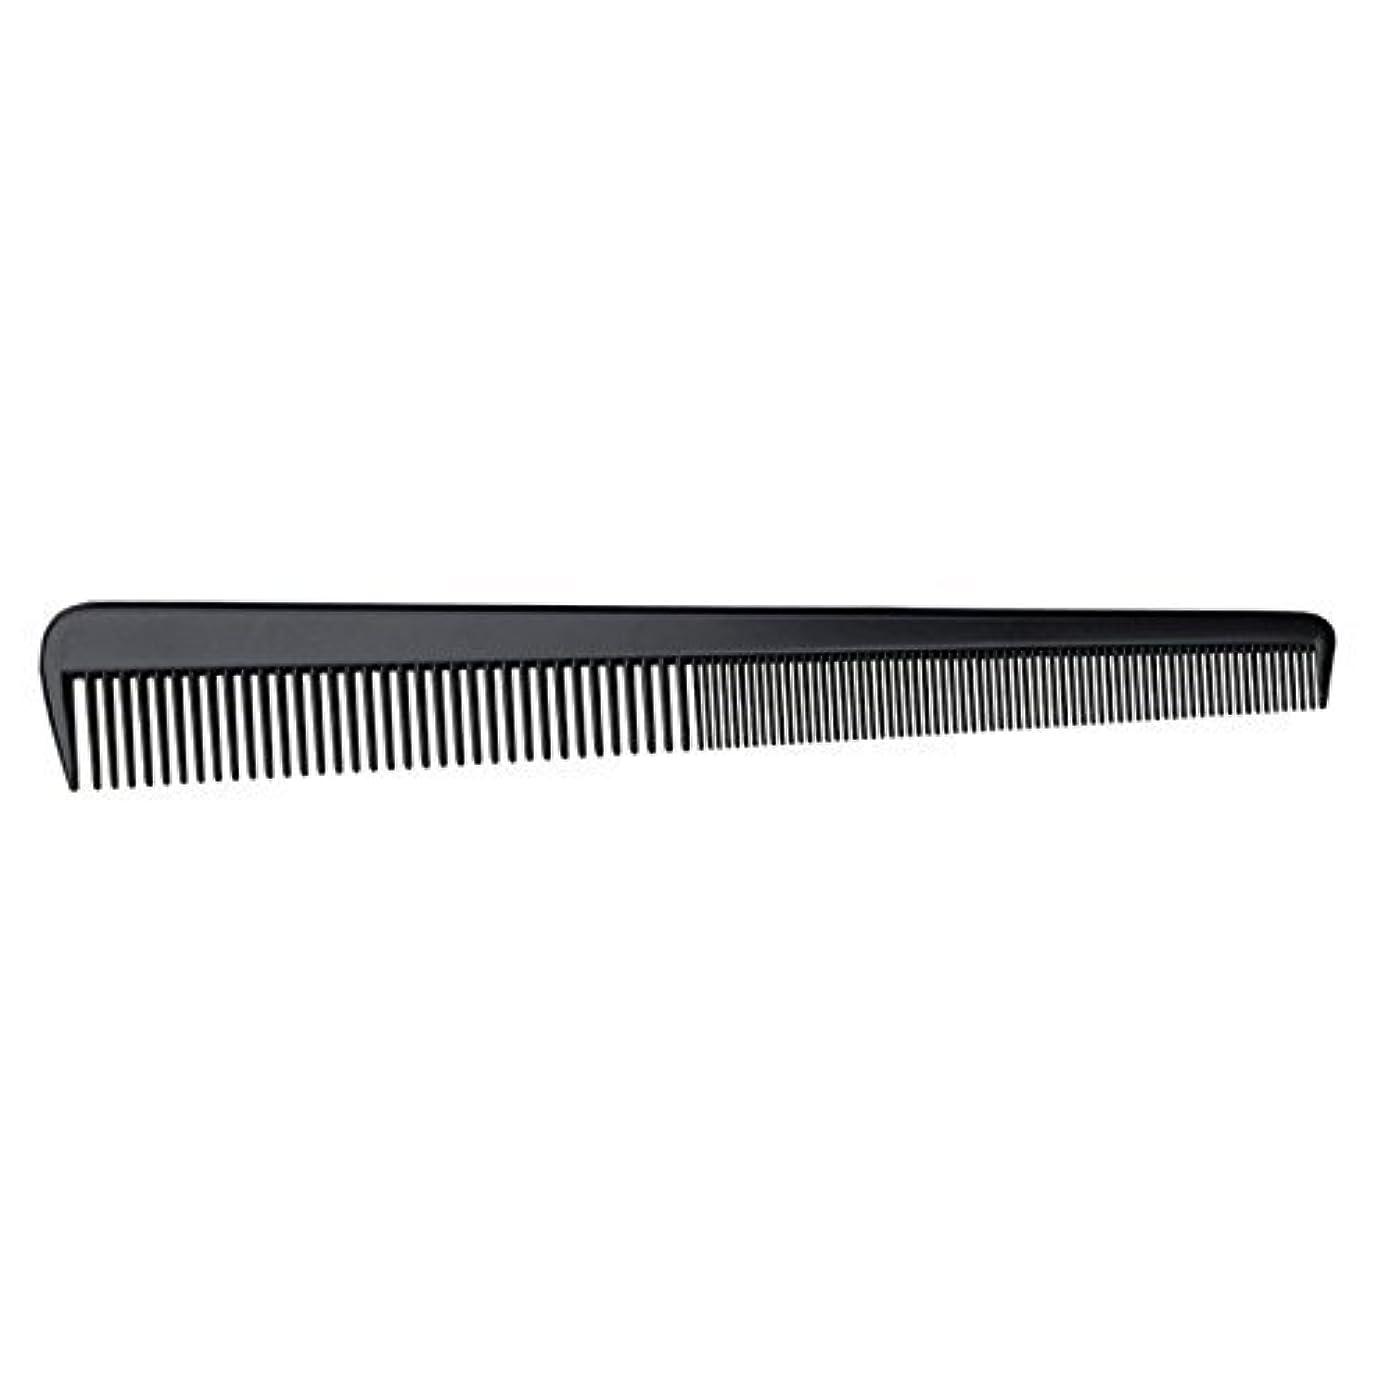 大洪水流行しているゲートDiane Barber Comb 12 count 7-1/2 Inch [並行輸入品]